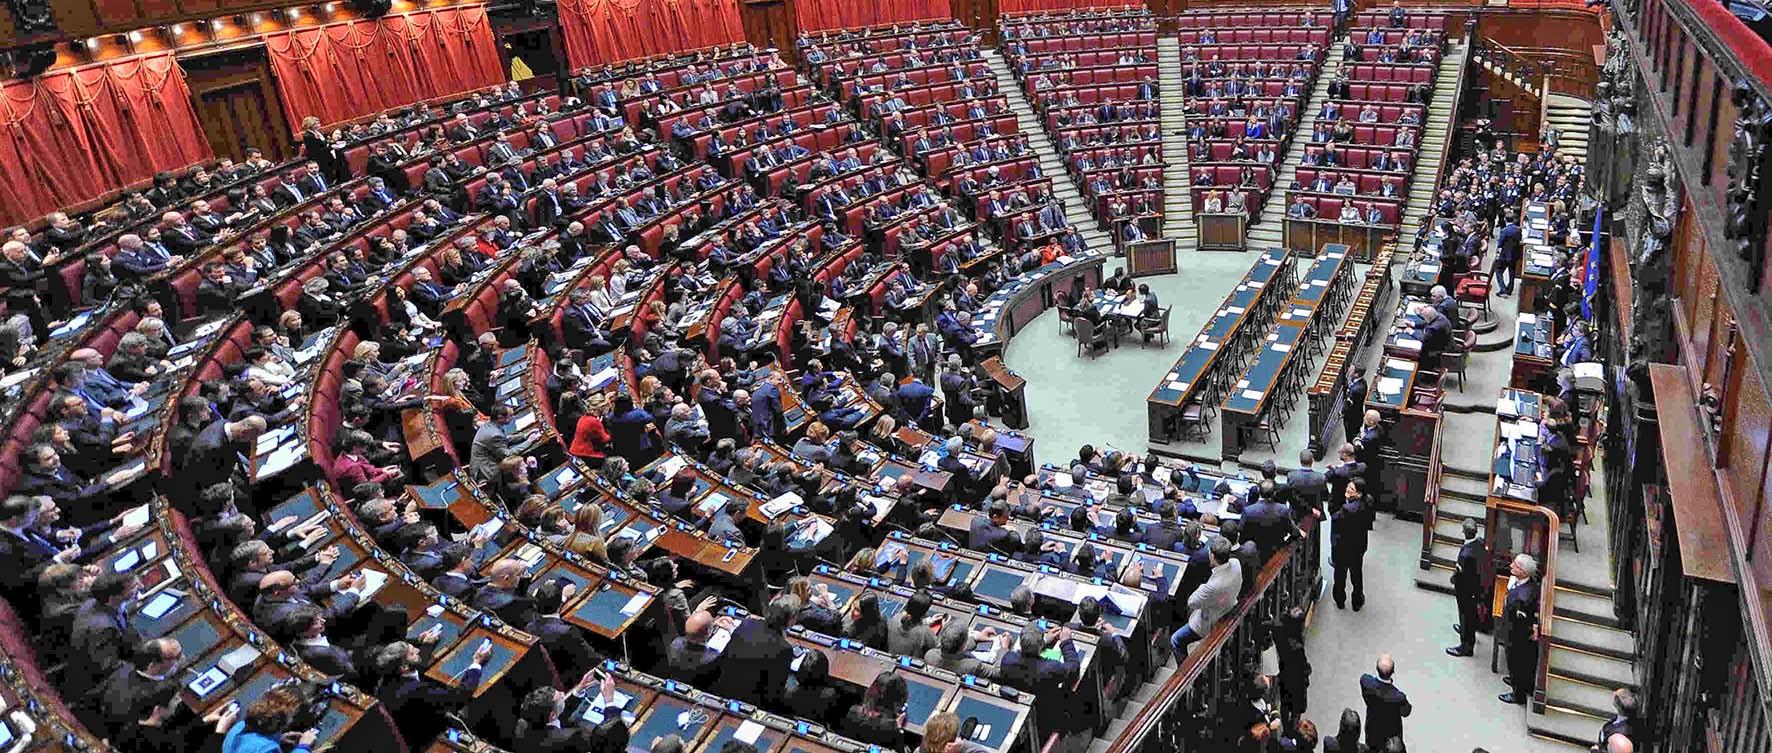 finanziaria 2020 aula parlamento camera primo giorno legislatura